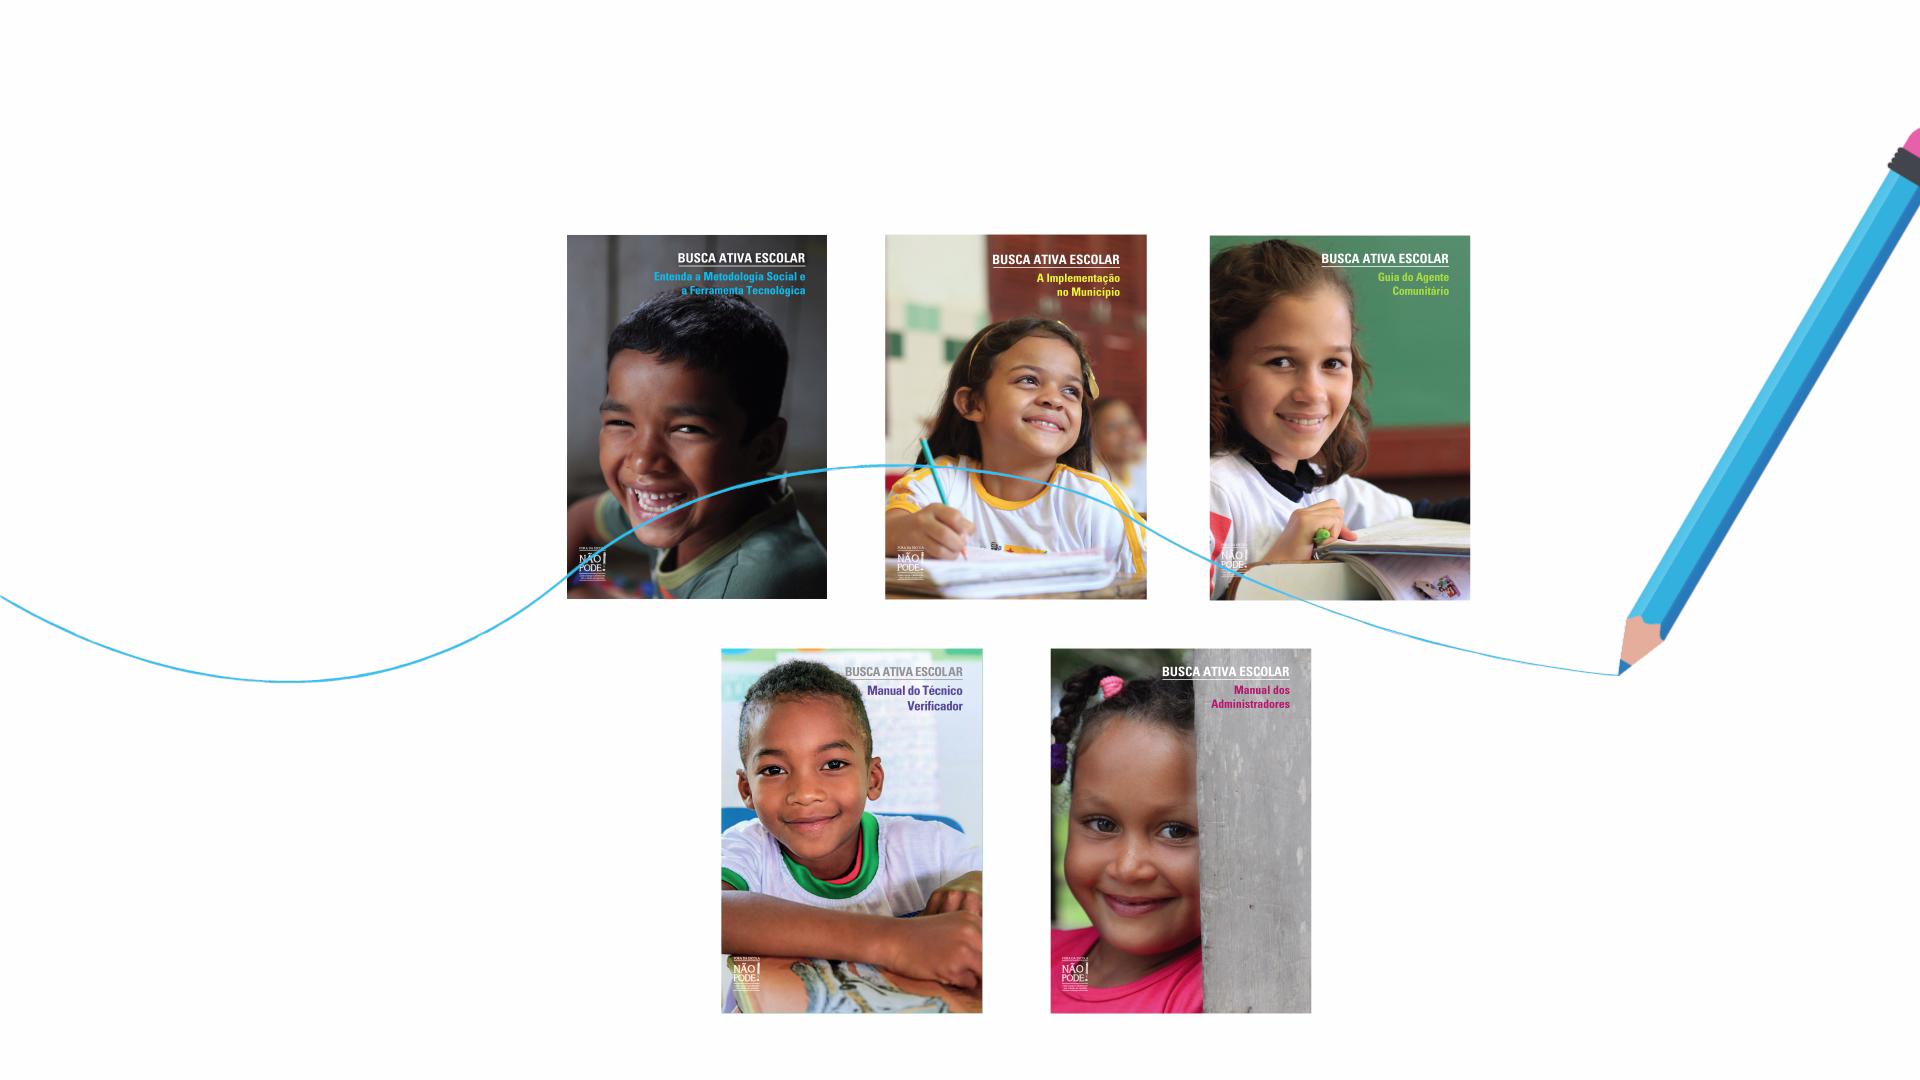 Busca Ativa Escolar - publicações produzidas pela Cross Content